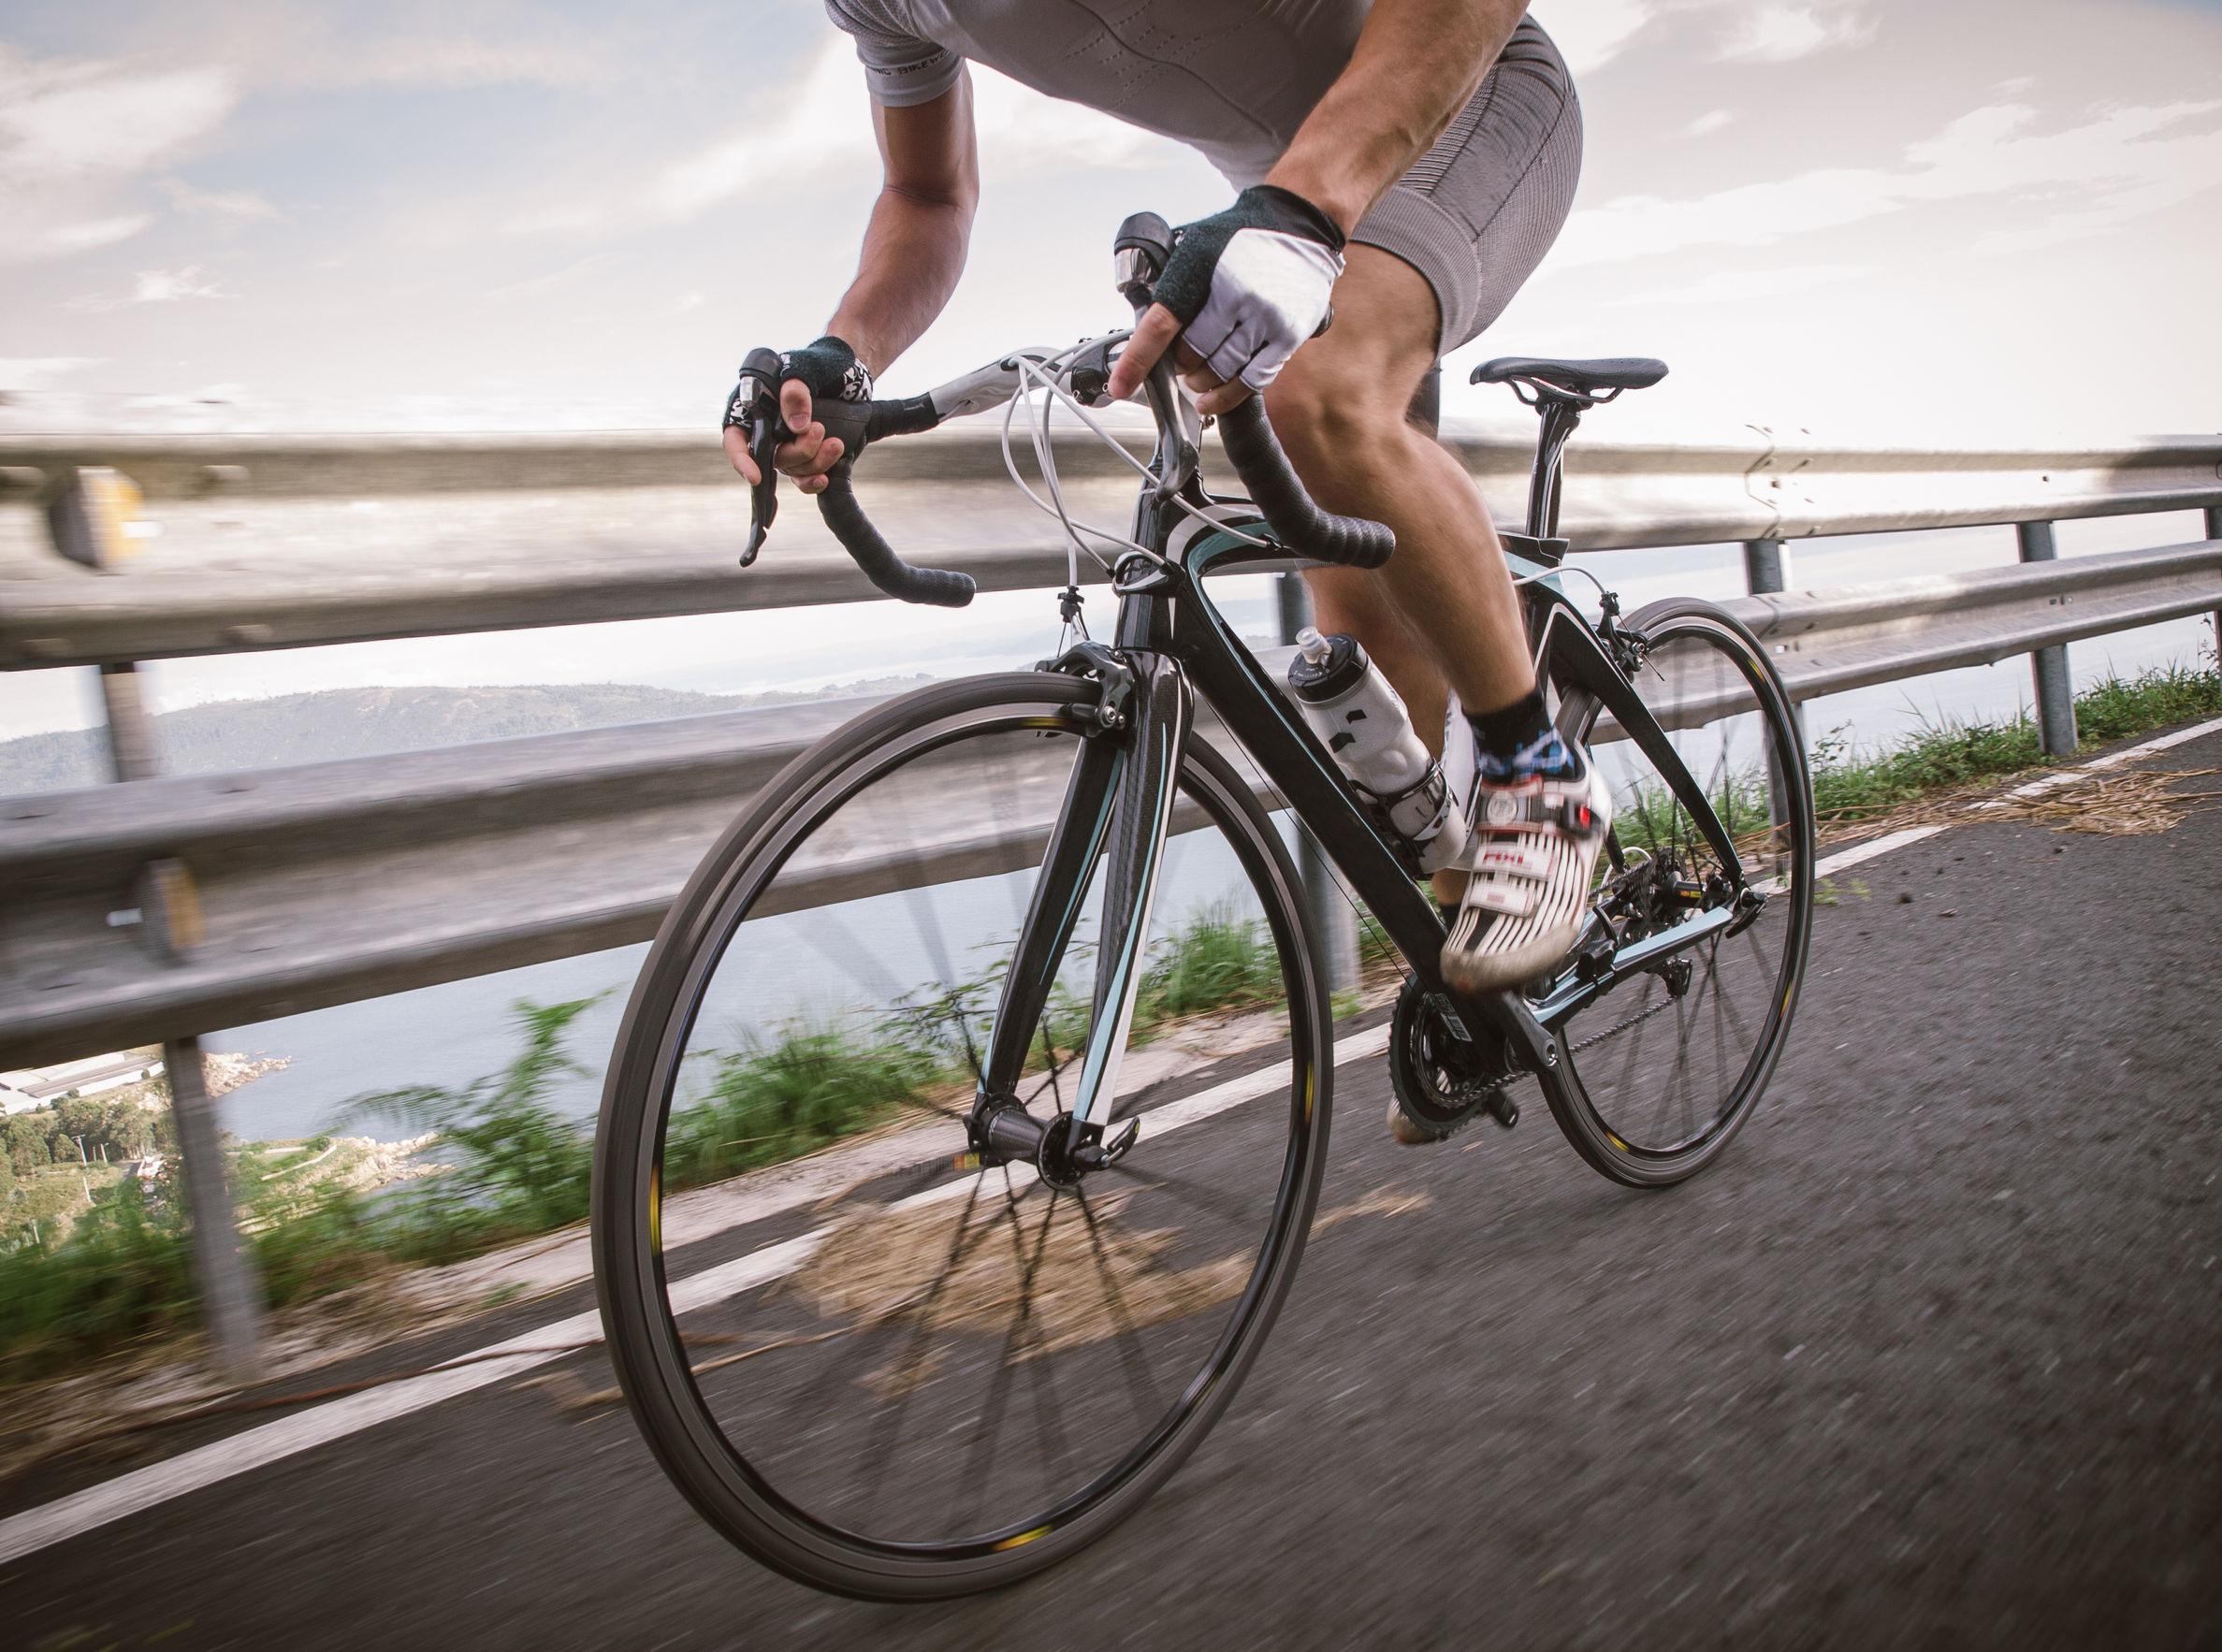 Bicicletas de carrera: ¿Cuál es la mejor del 2021?